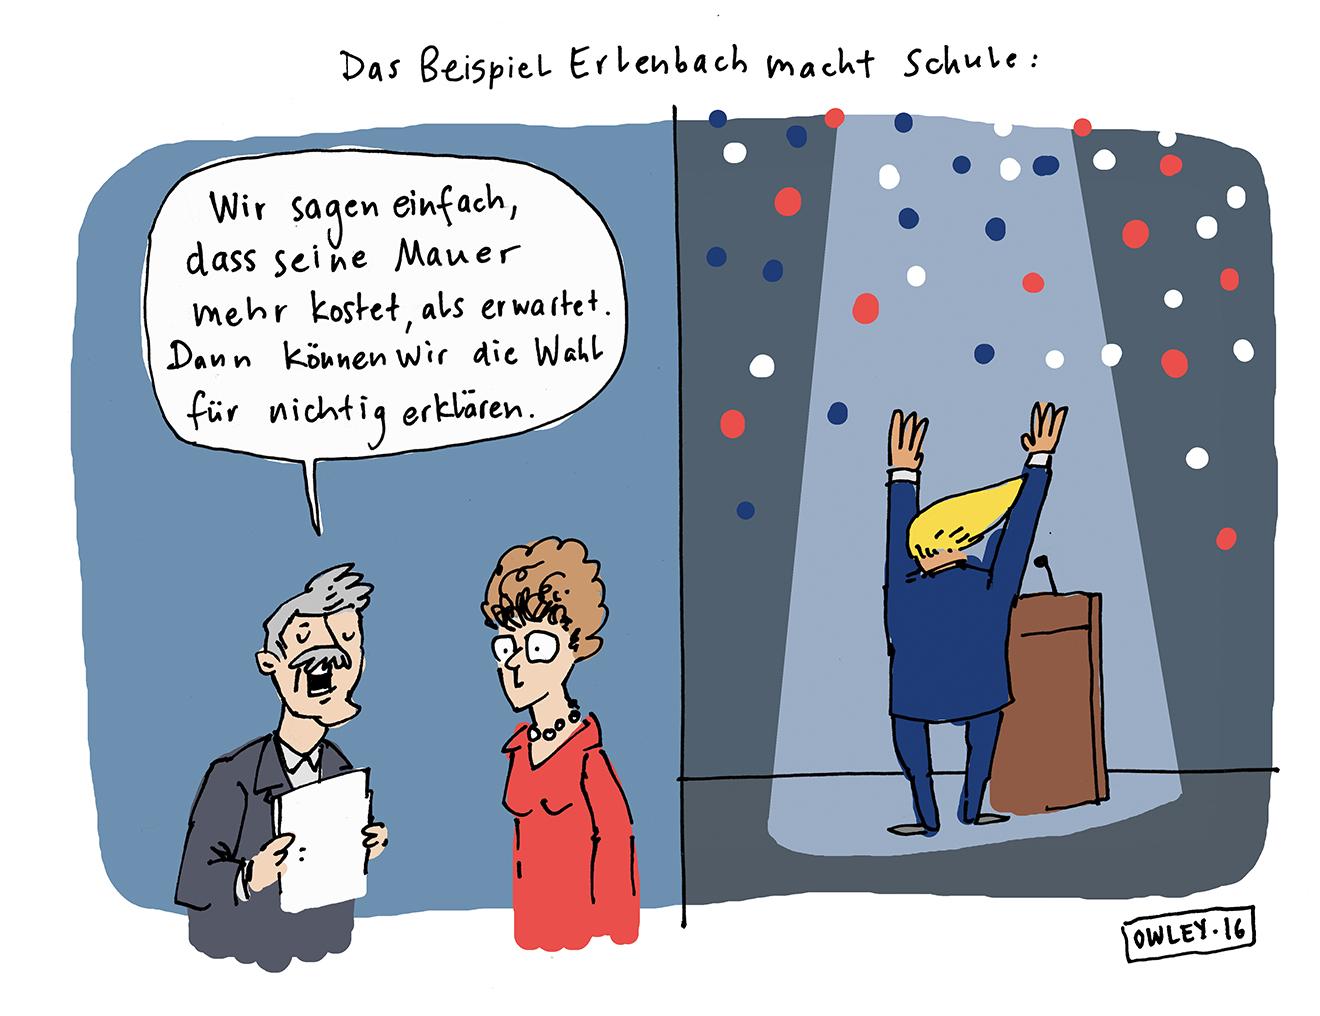 zsz_erlenbach